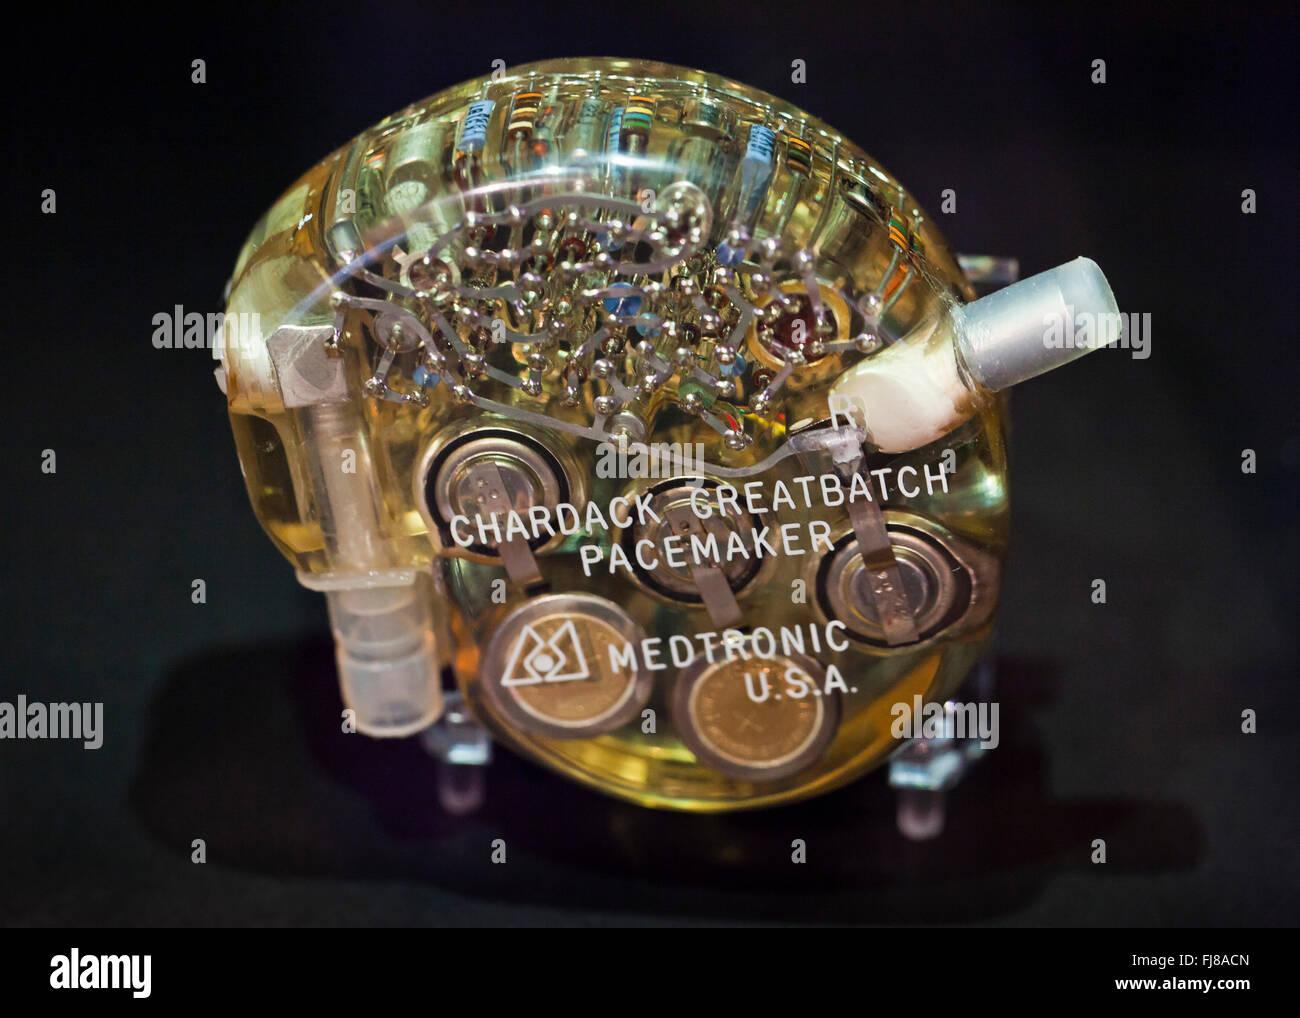 Medtronic Chardack marcapasos Greatbatch, circa 1960 - Oficina de Marcas y Patentes de Estados Unidos, Alexandria, Virginia, EE.UU. Foto de stock